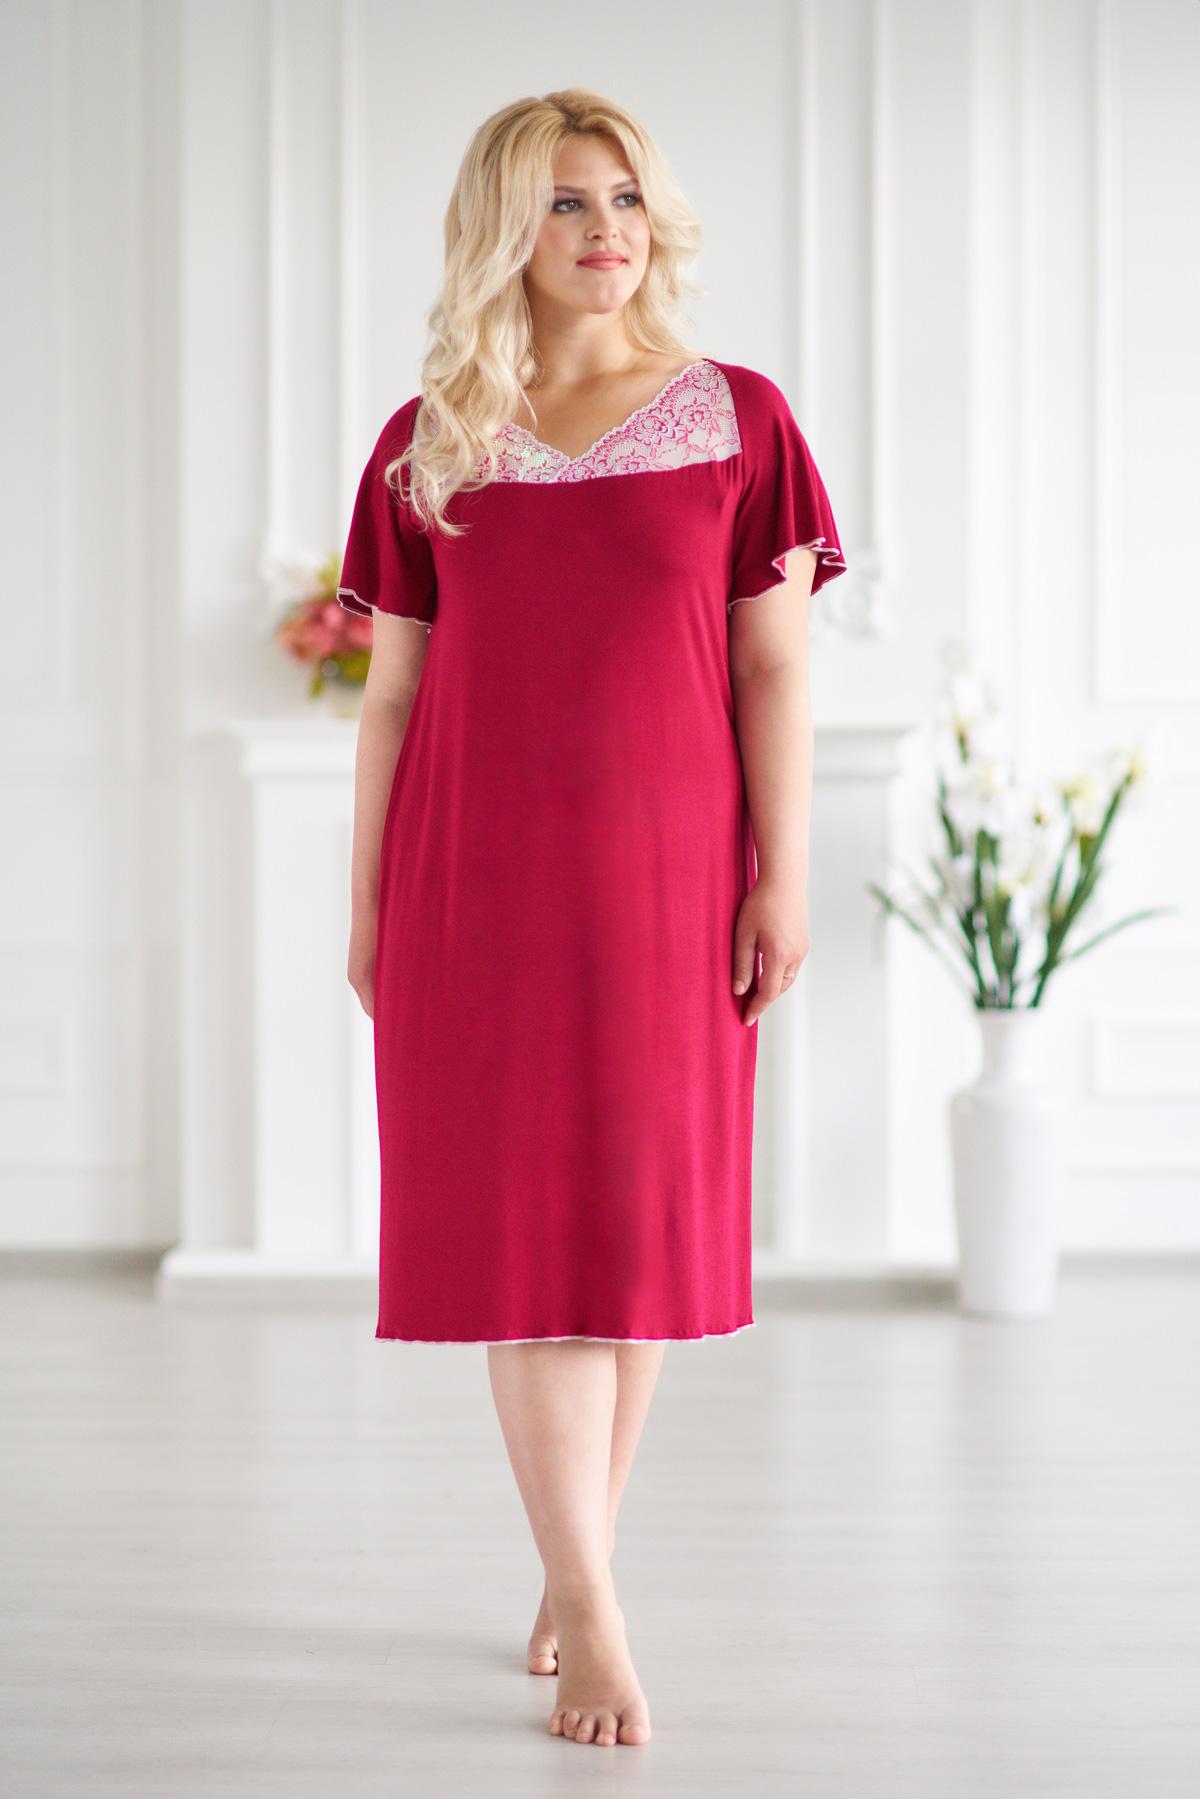 Жен. сорочка арт. 19-0053 Бордо р. 48Ночные сорочки<br>Факт. ОГ: 92 см <br>Факт. ОТ: 100 см <br>Факт. ОБ: 106 см <br>Длина по спинке: 96 см<br><br>Тип: Жен. сорочка<br>Размер: 48<br>Материал: Вискоза